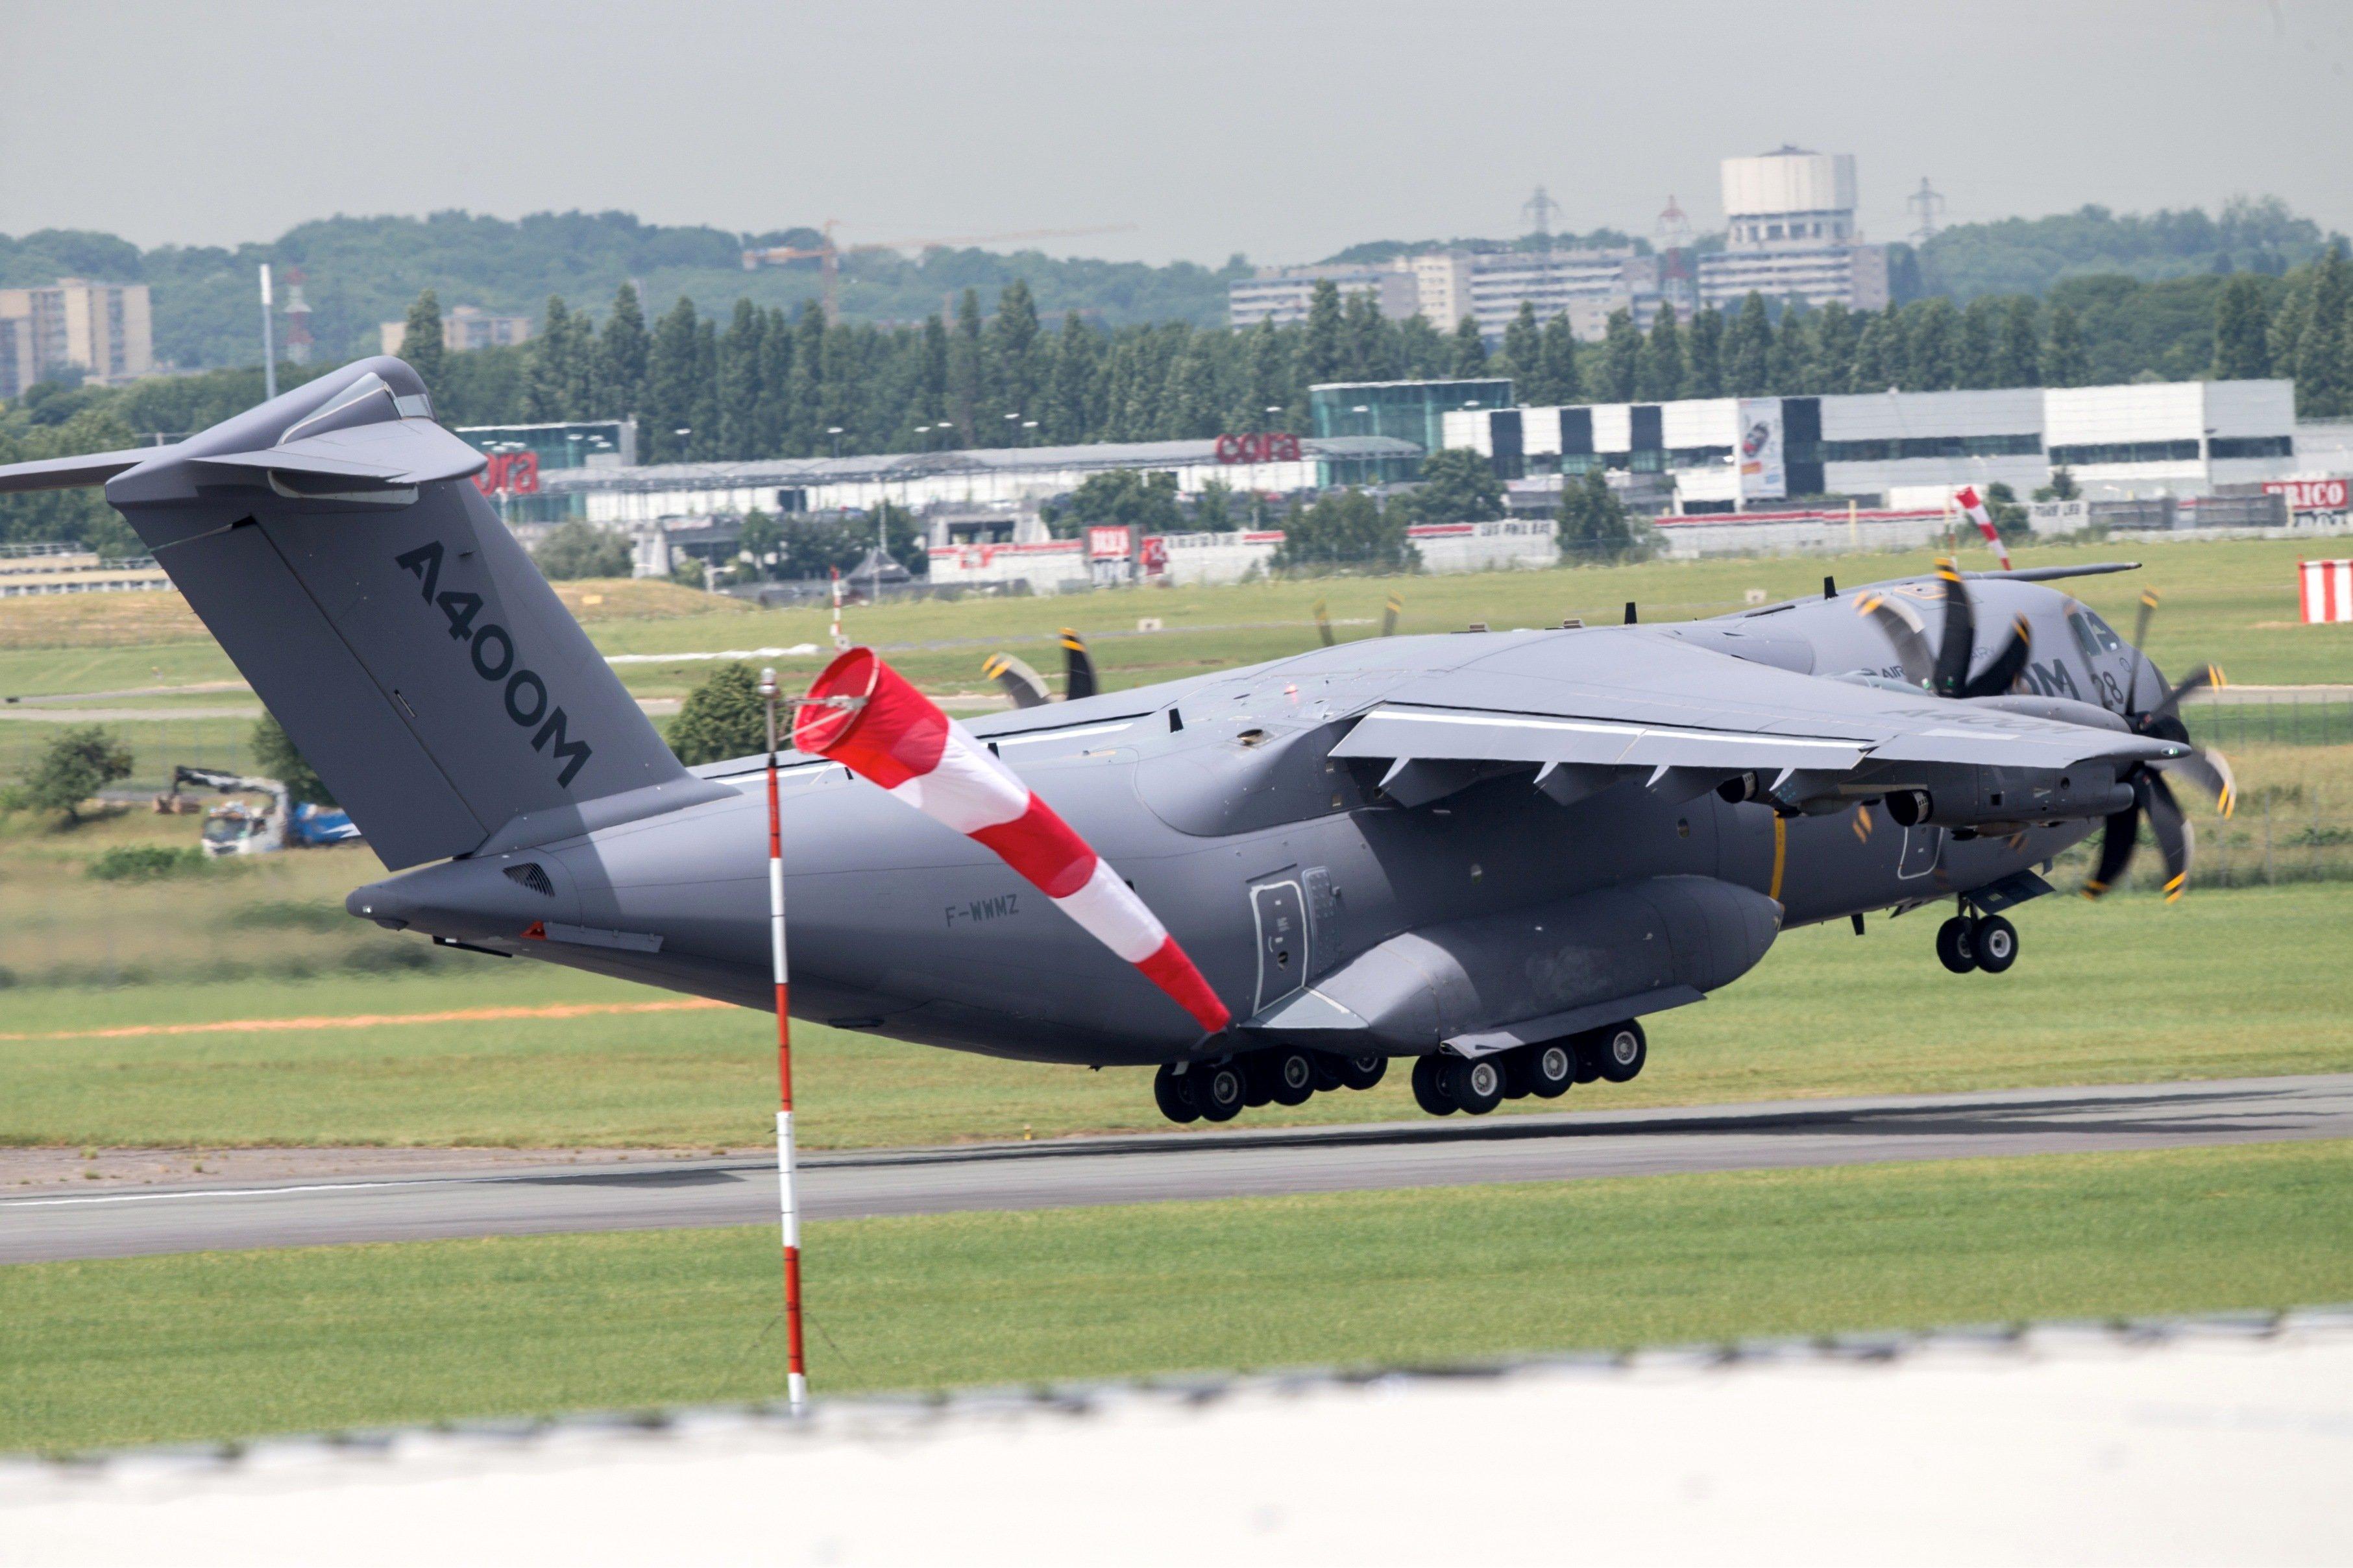 A400M von Airbus auf der Pariser Flugshow: Nach den neuerlichen Pannen wächst die Kritik an Airbus. Als Alternative bietet sich dieC130J von Lockheed an.